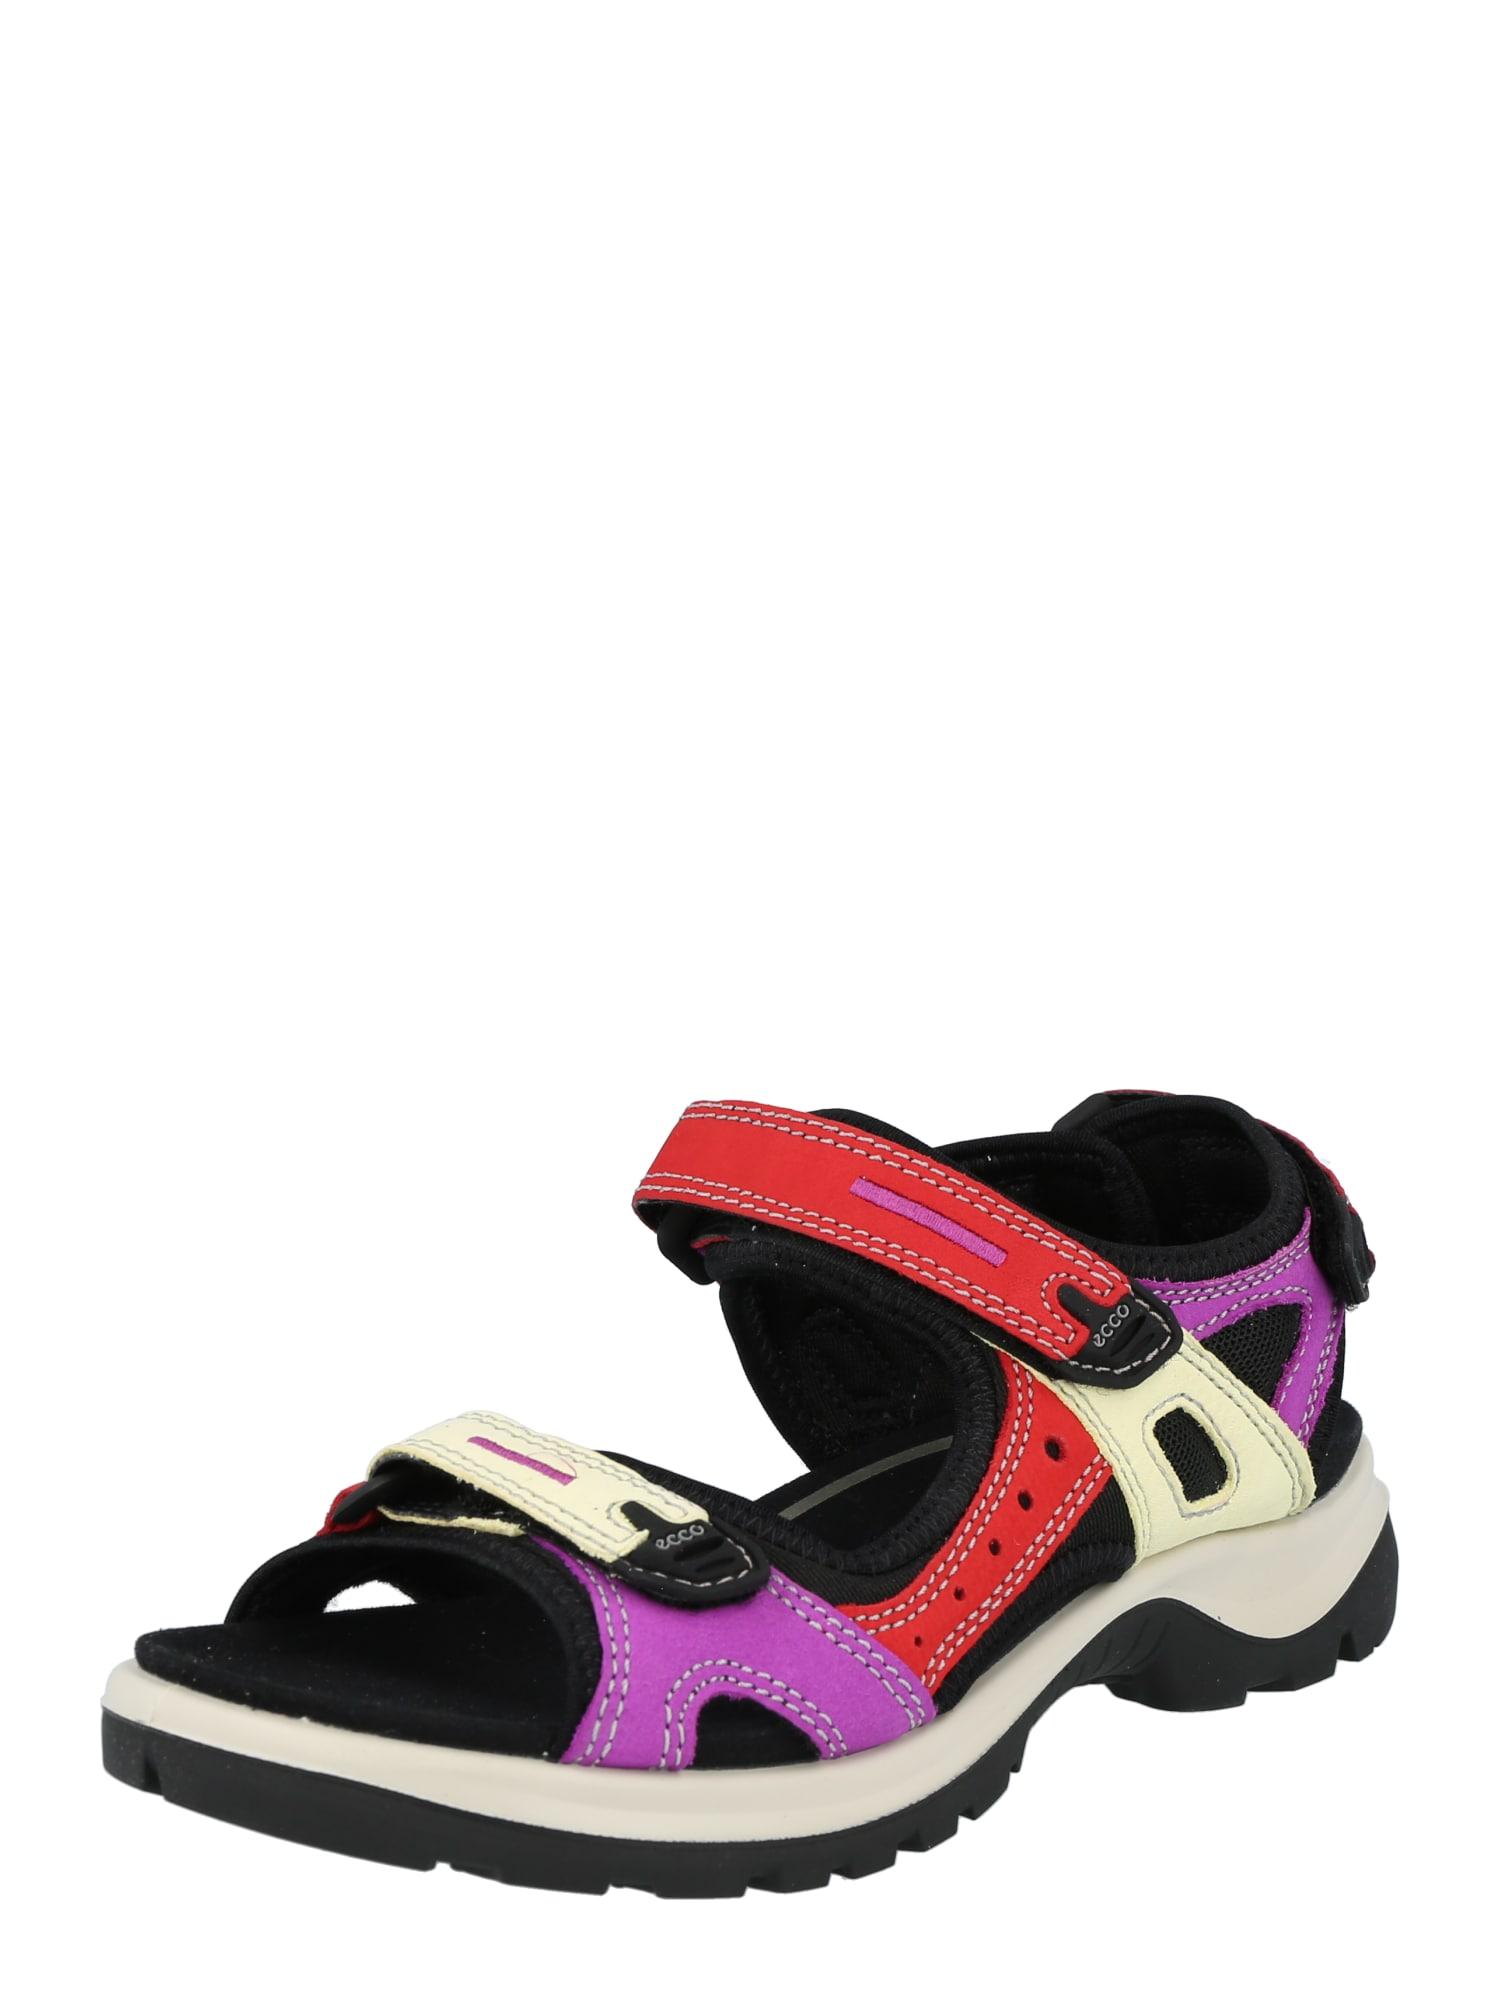 ECCO Sportinio tipo sandalai